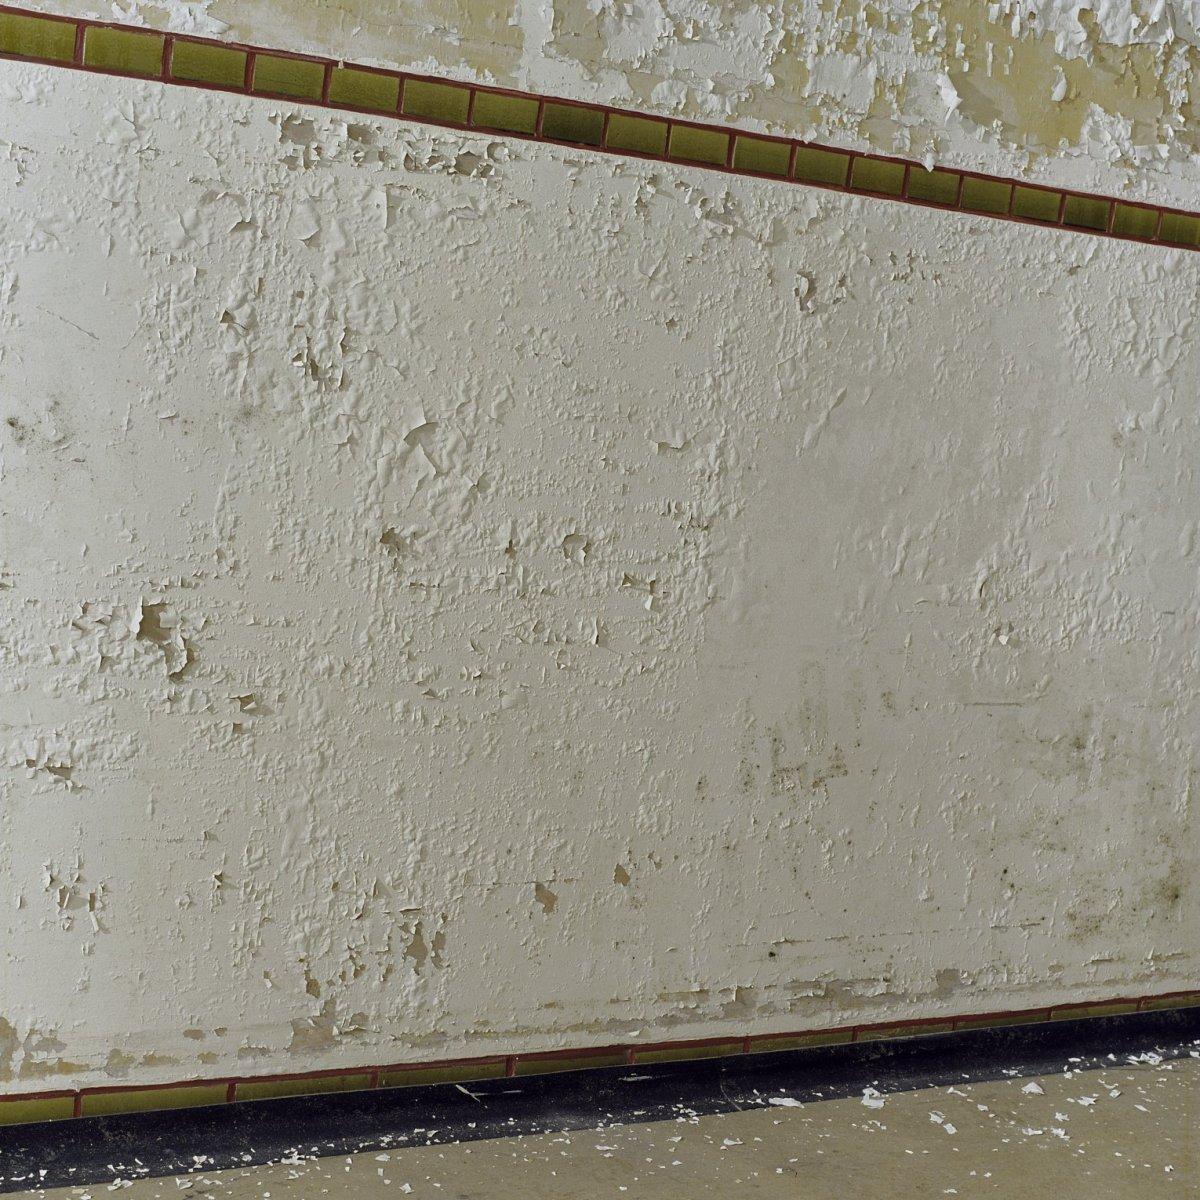 File detail het afbladderen van de verf op de muren kampen 20420305 wikimedia - Verf muren van ...